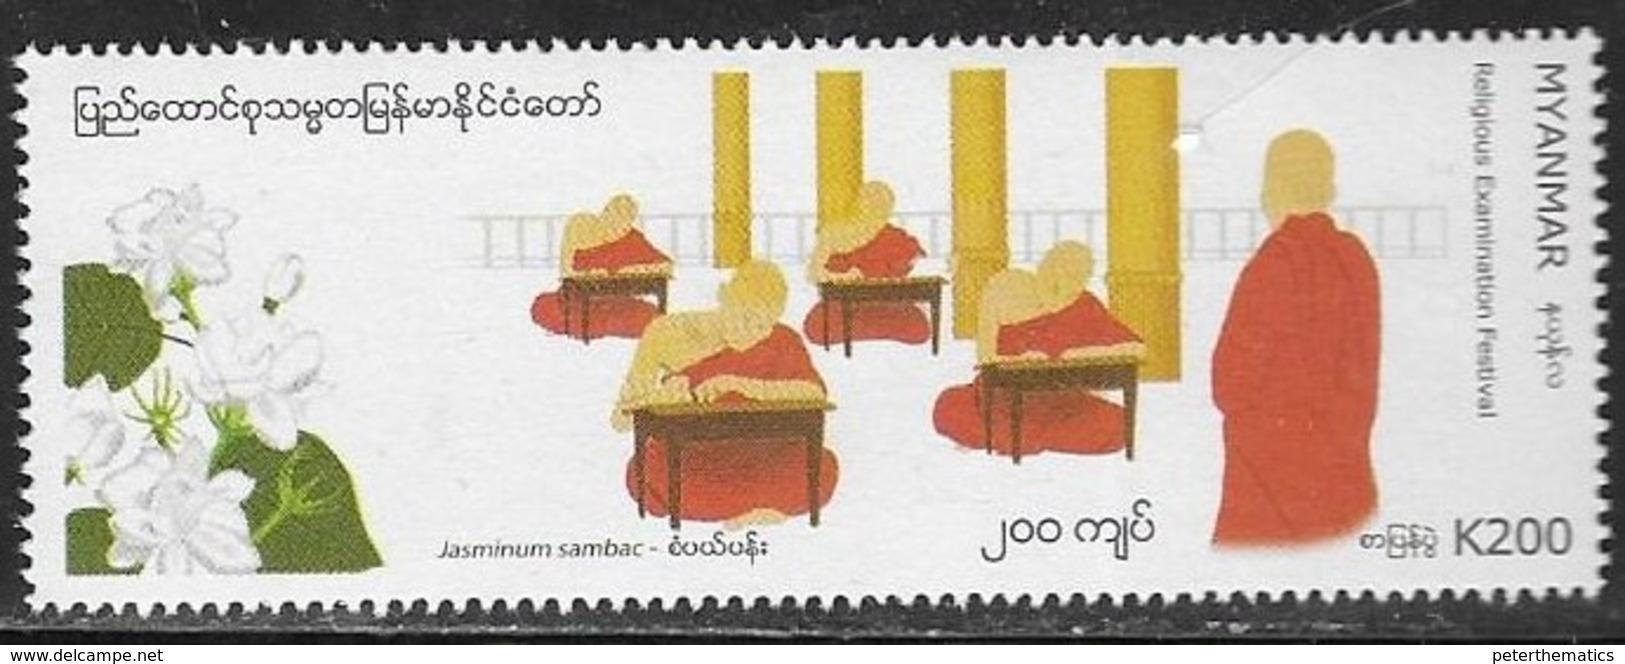 MYANMAR, 2019, MNH, FESTIVALS, RELIGIOUS EXAMINATION  FESTIVAL, FLOWERS, JASMINE,  1v - Other